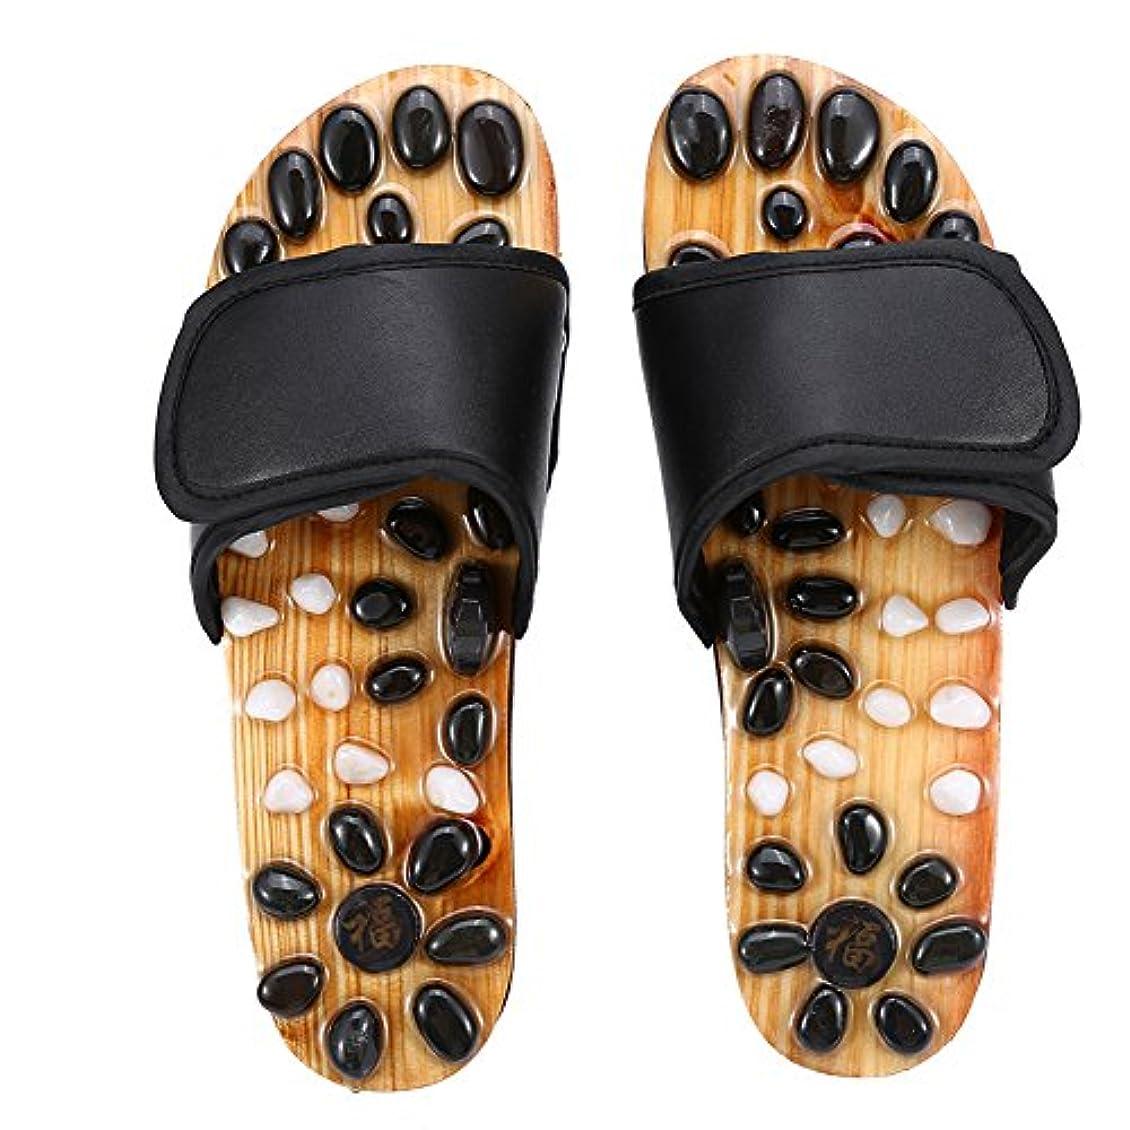 振り子どうやって人生を作る足マッサージスリッパ、リフレクソロジー足底筋膜炎ヘルスケアマッサージシューズ男性と女性のための足の痛みを軽減する (2# 38)